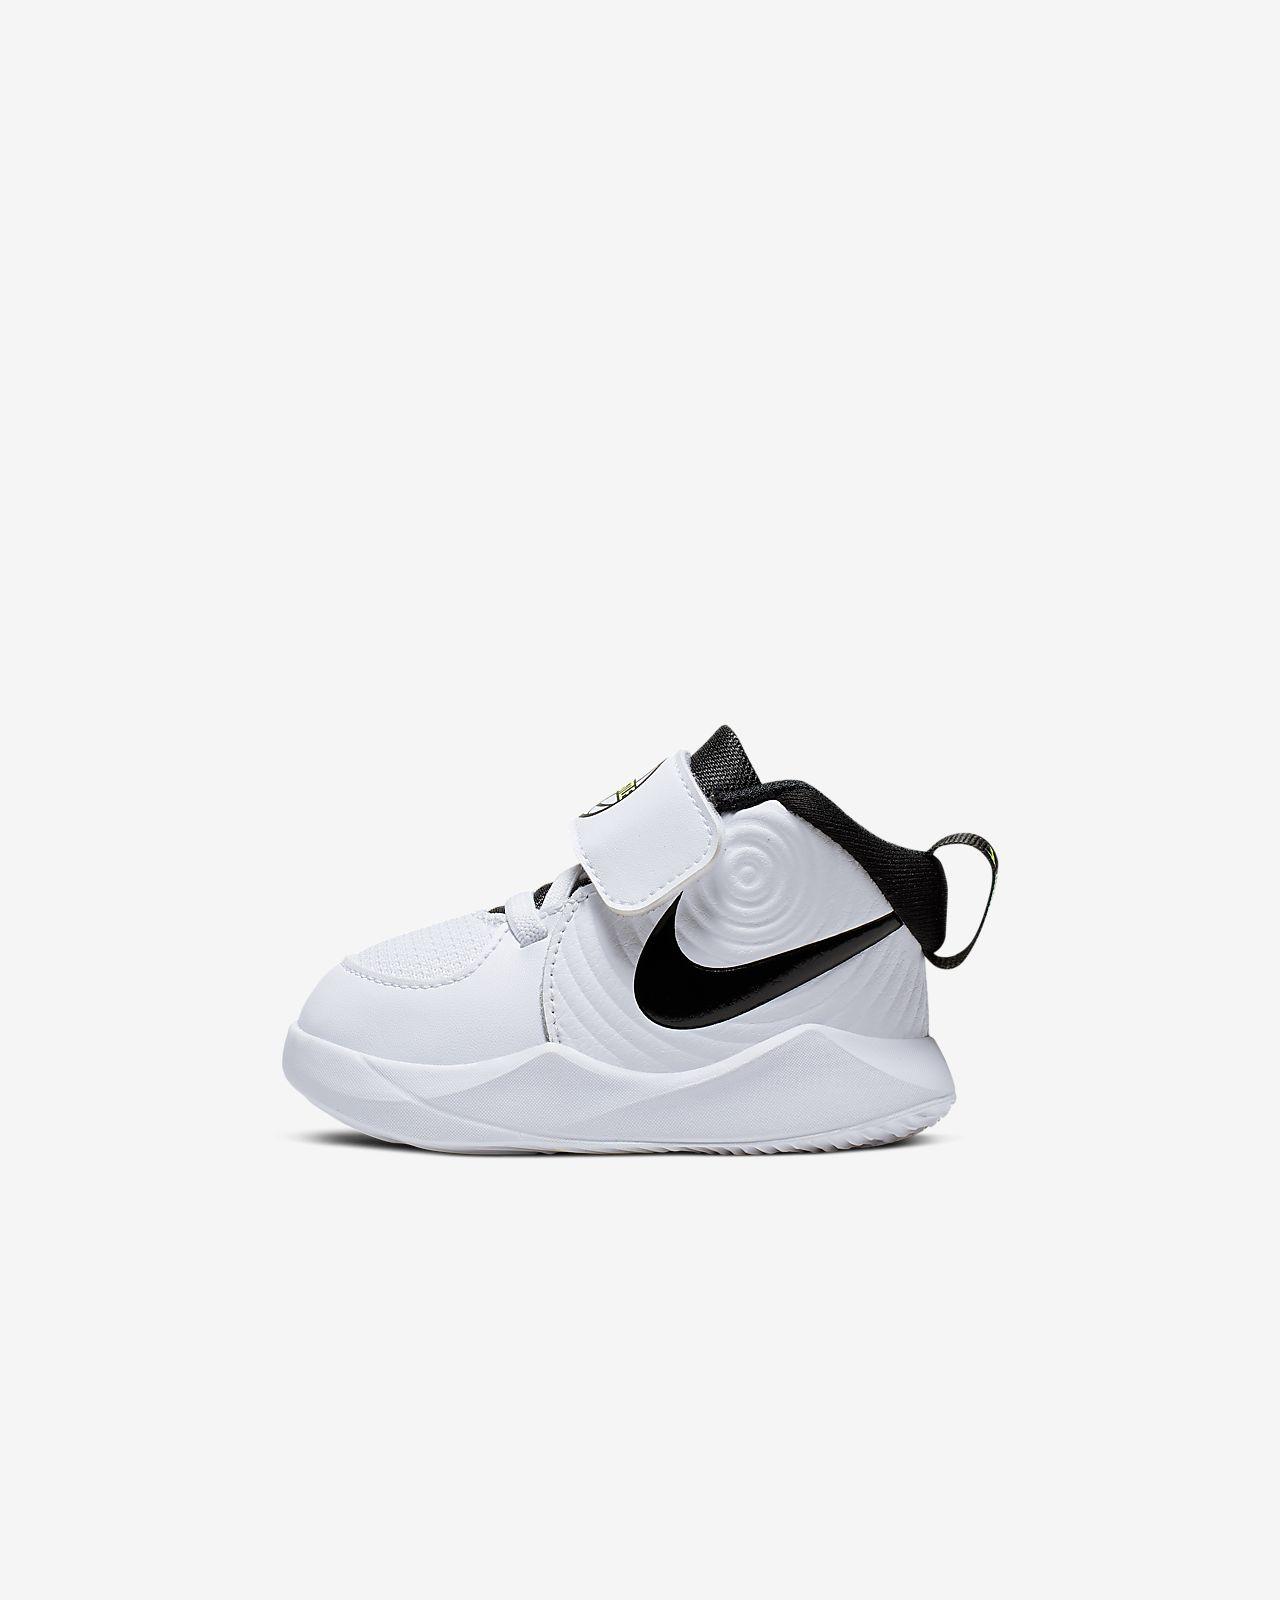 Nike Team Hustle D 9 BabyToddler Shoe